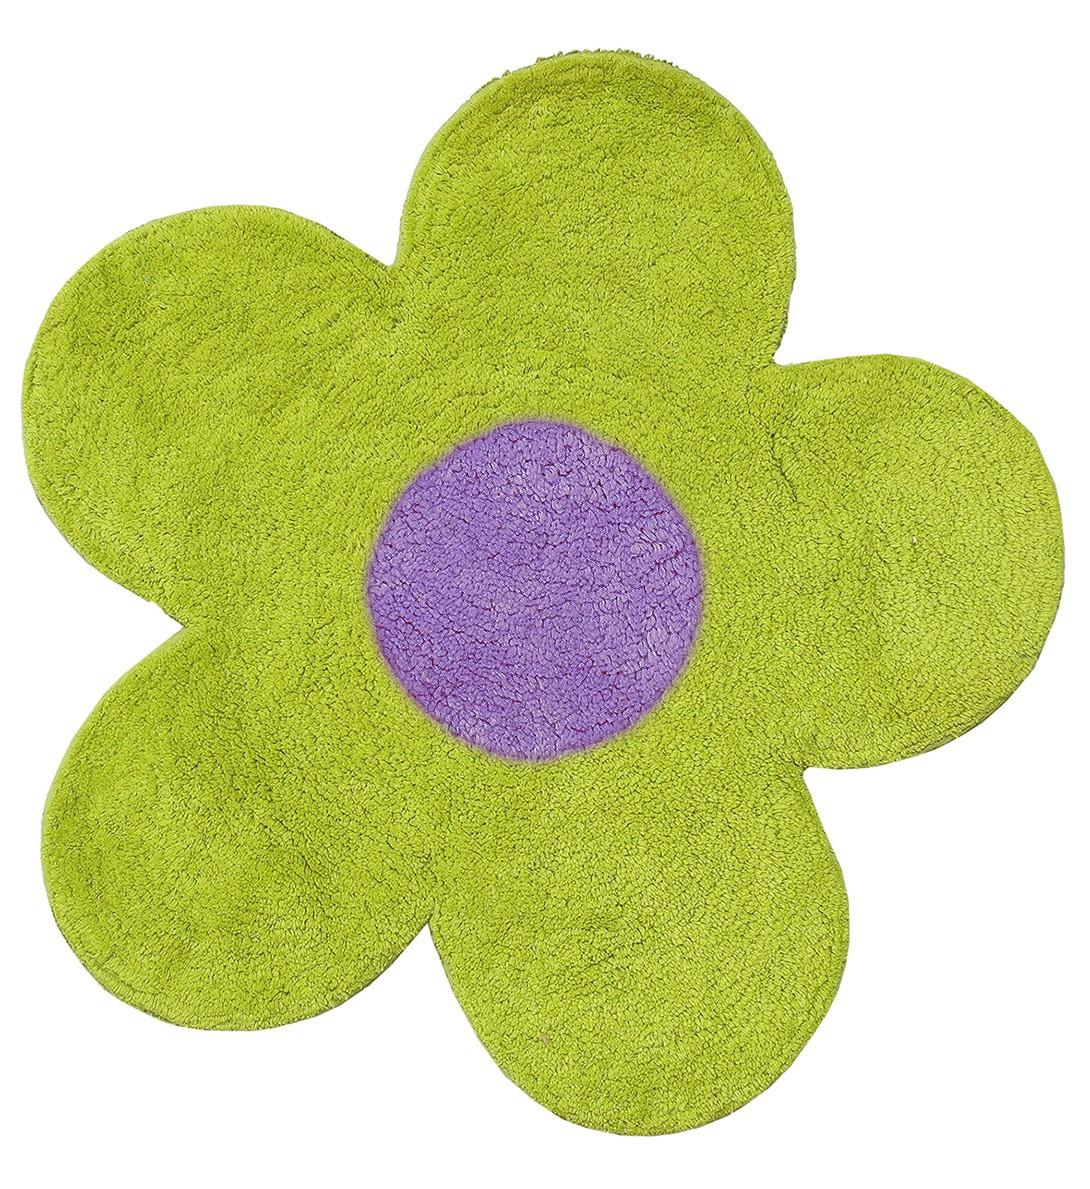 Πατάκι Μπάνιου (60x60) San Lorentzo DBL Face Daisy Lime/Purple home   μπάνιο   πατάκια μπάνιου